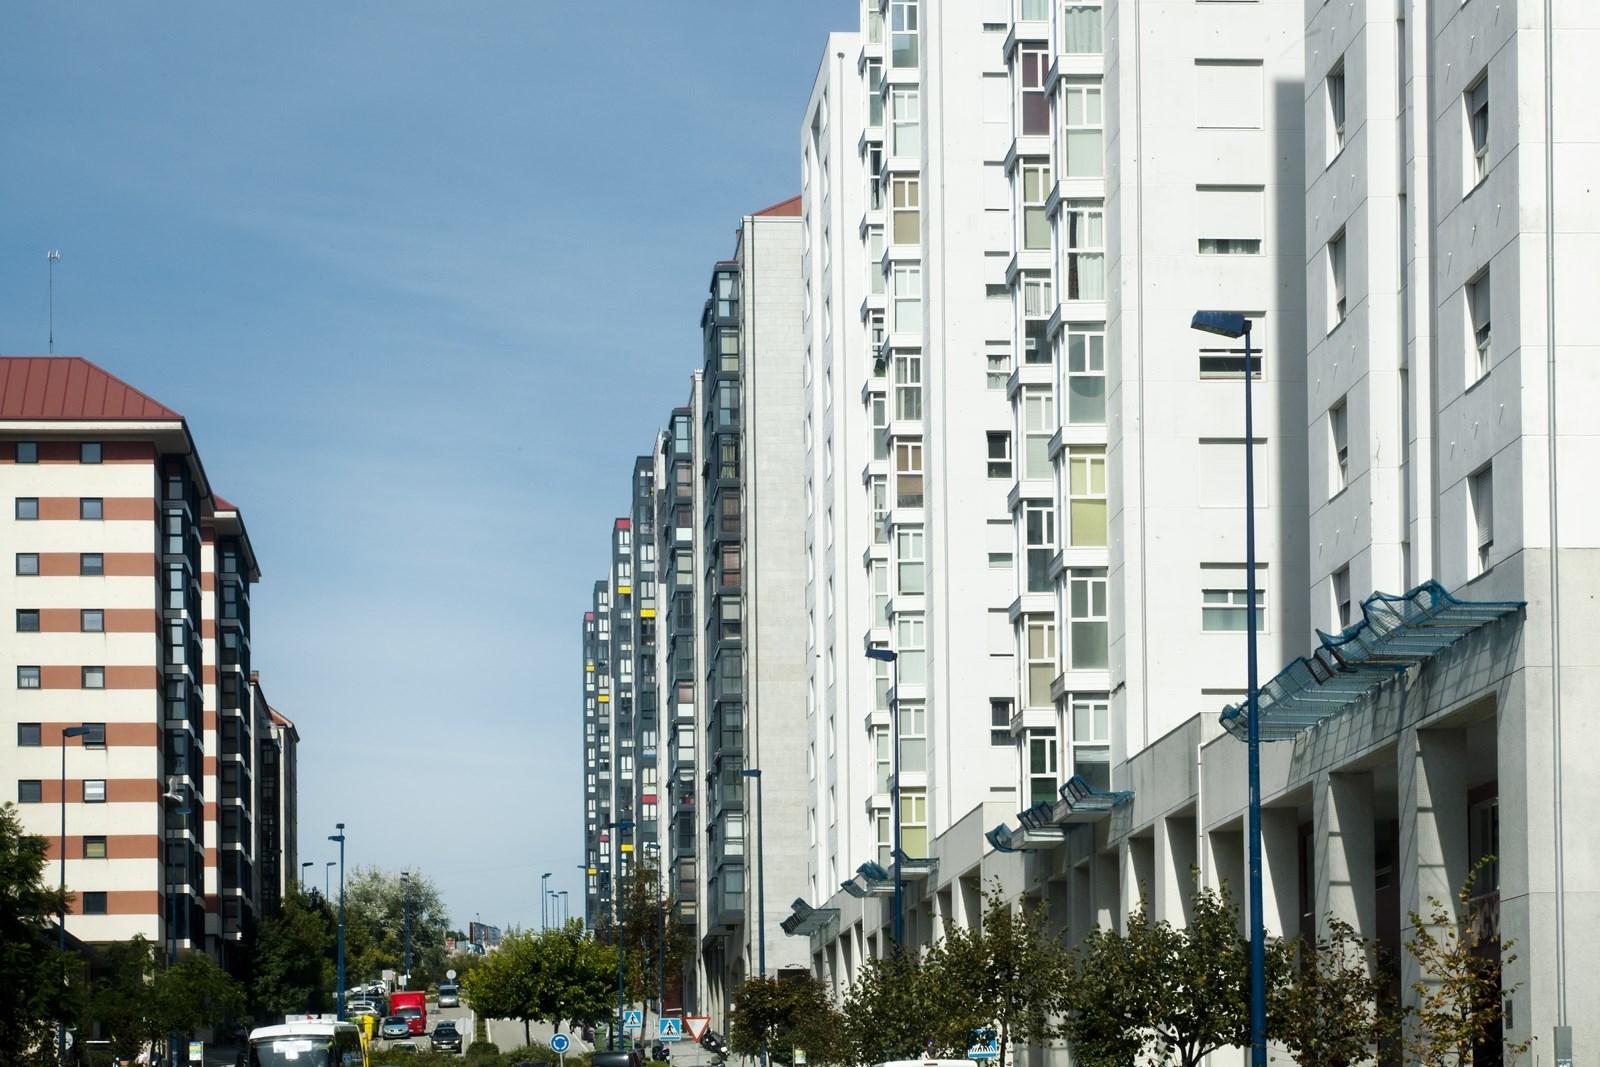 La Xunta convoca las ayudas al alquiler de viviendas a las que el Gobierno  gallego destina este año cerca de 15 millones de euros   GaliciaAberta -  Secretaría Xeral da Emigración